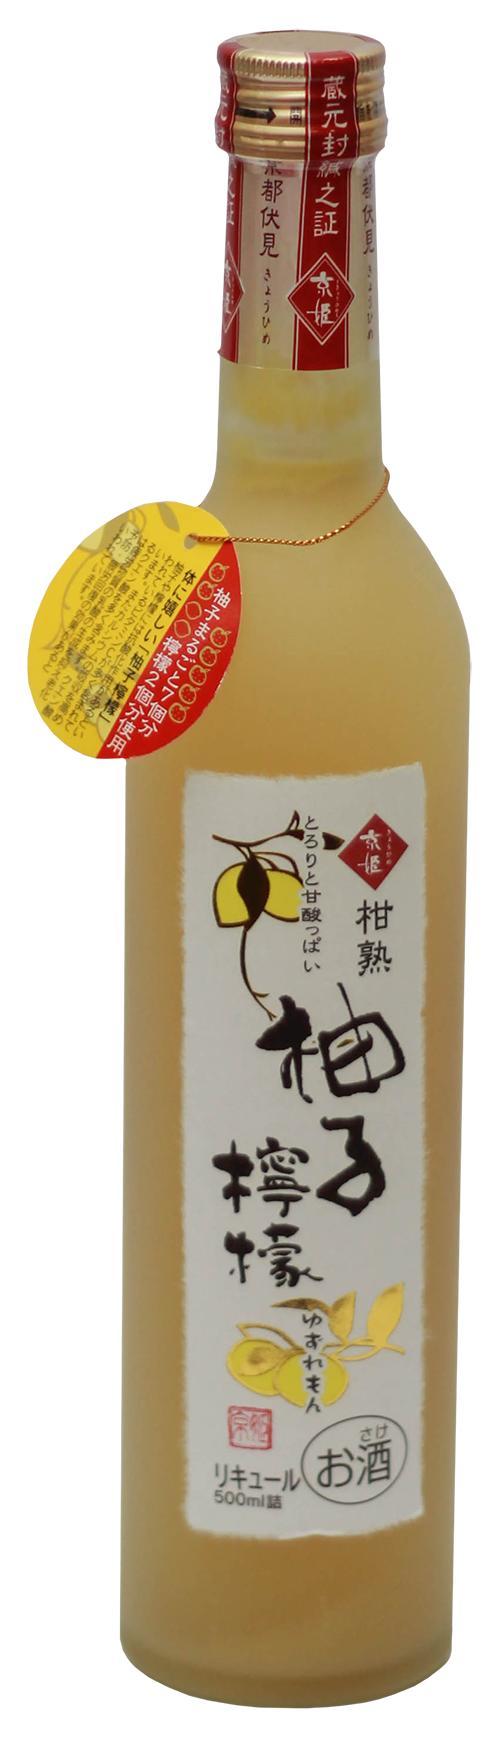 Kyohime Kanjuku Yuzu Lemon